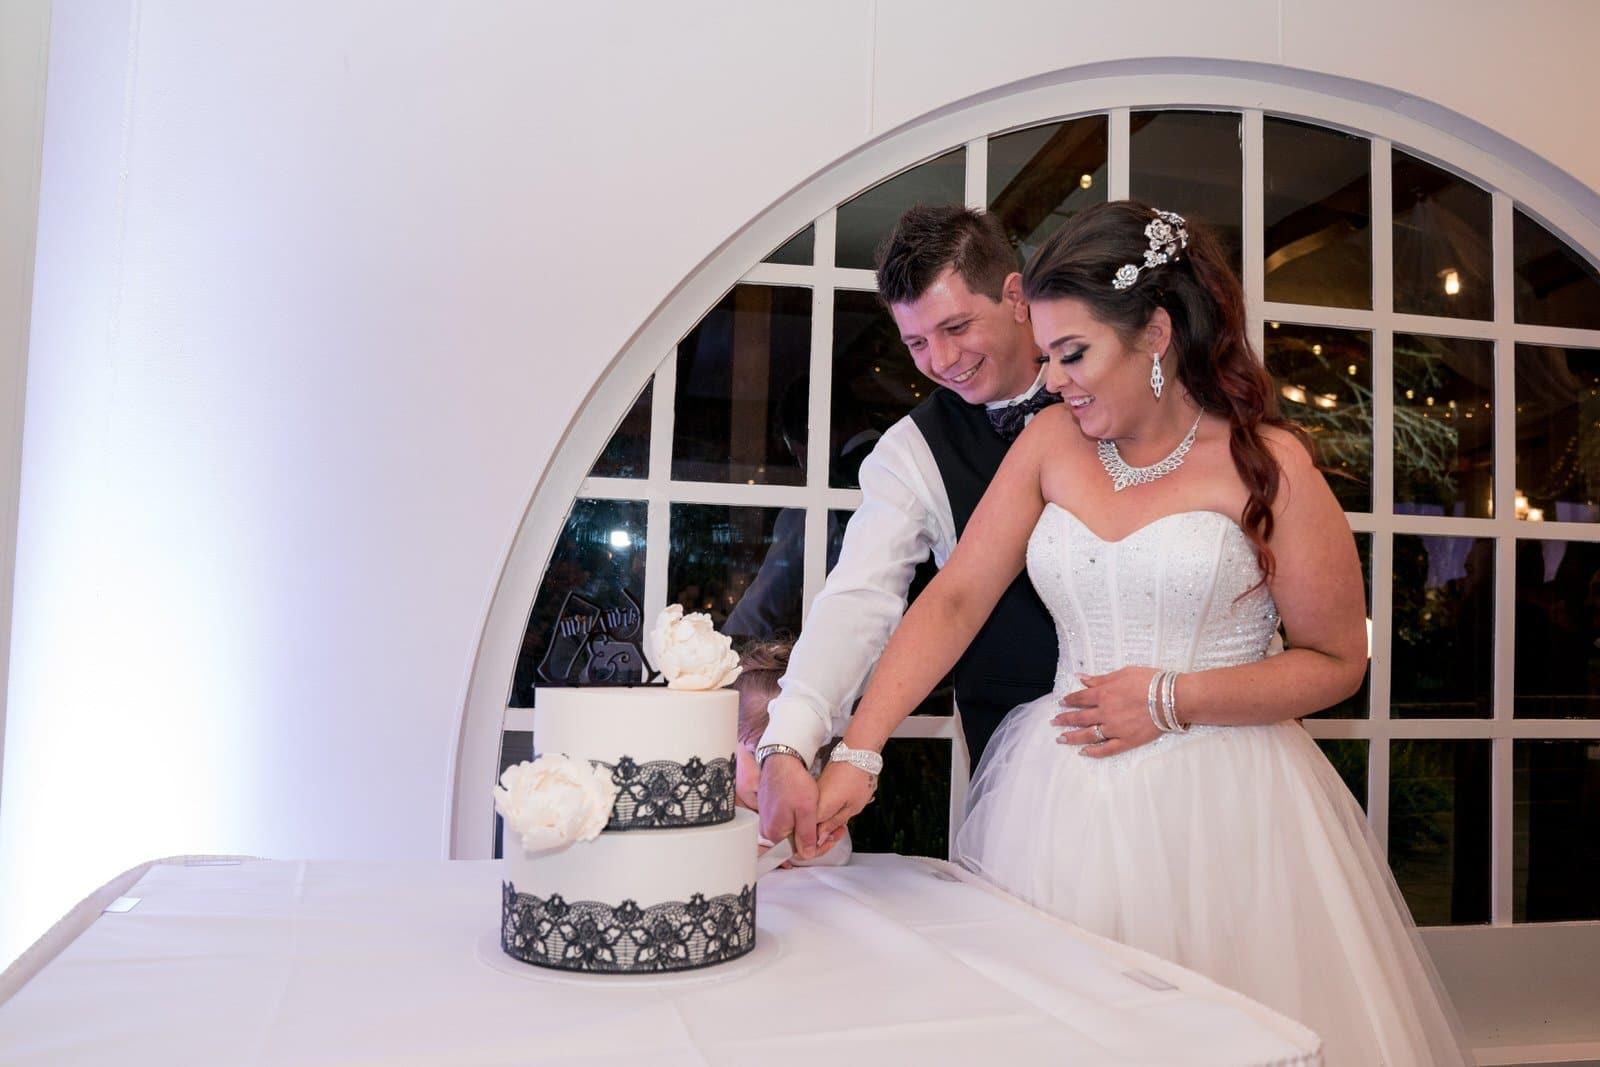 Chateau Wyuna Wedding Reception Cake Cut